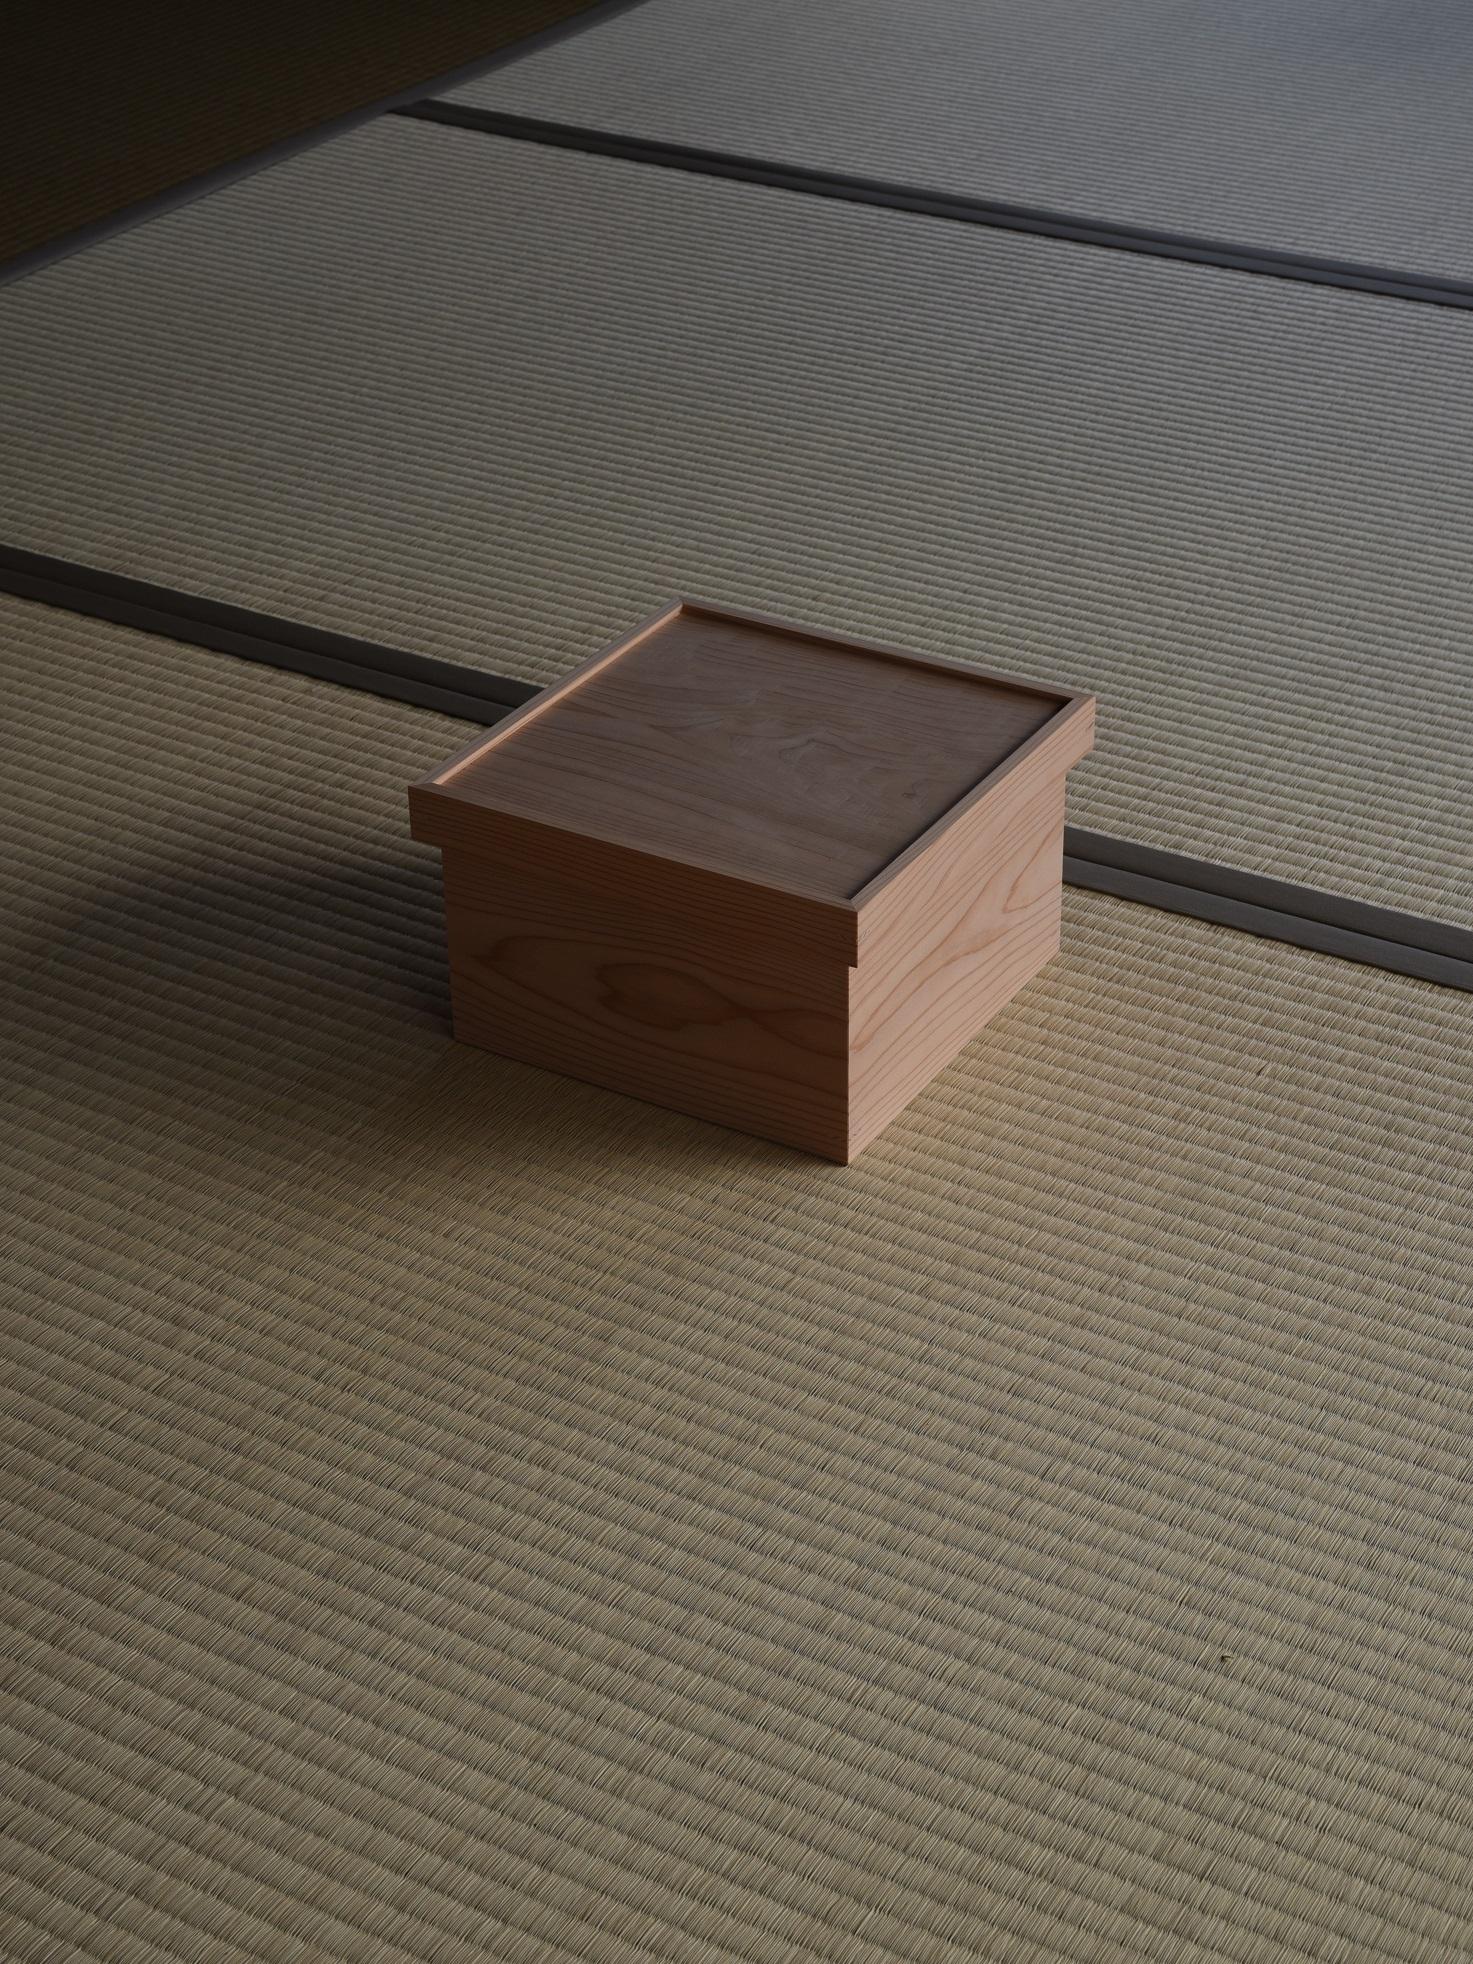 川合優 | 箱膳 小